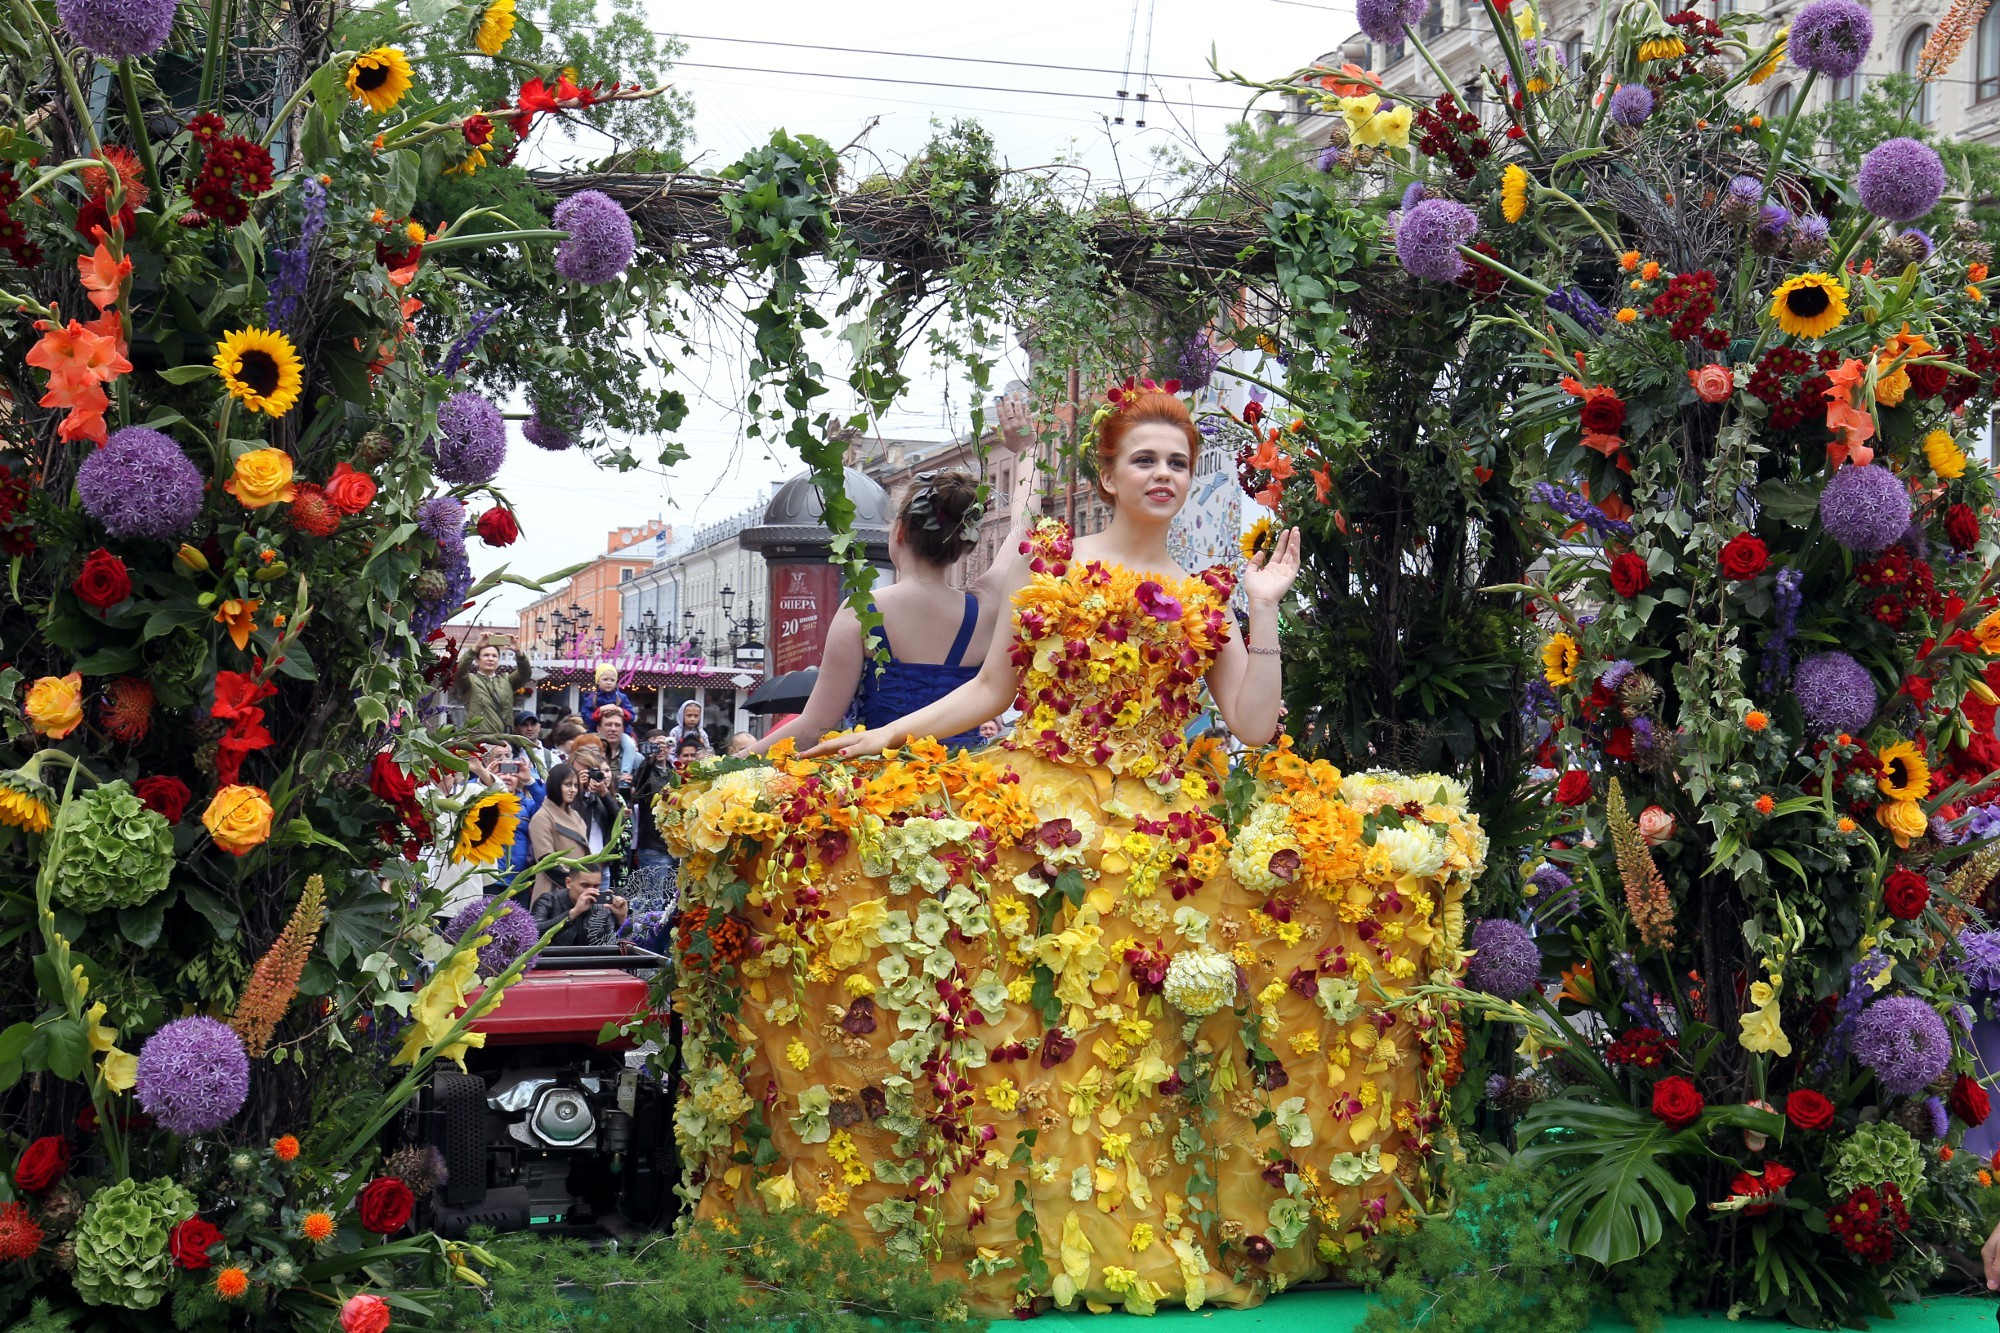 День России в Петербурге: «Русь танцевальная», фестиваль цветов и шествие духовых оркестров